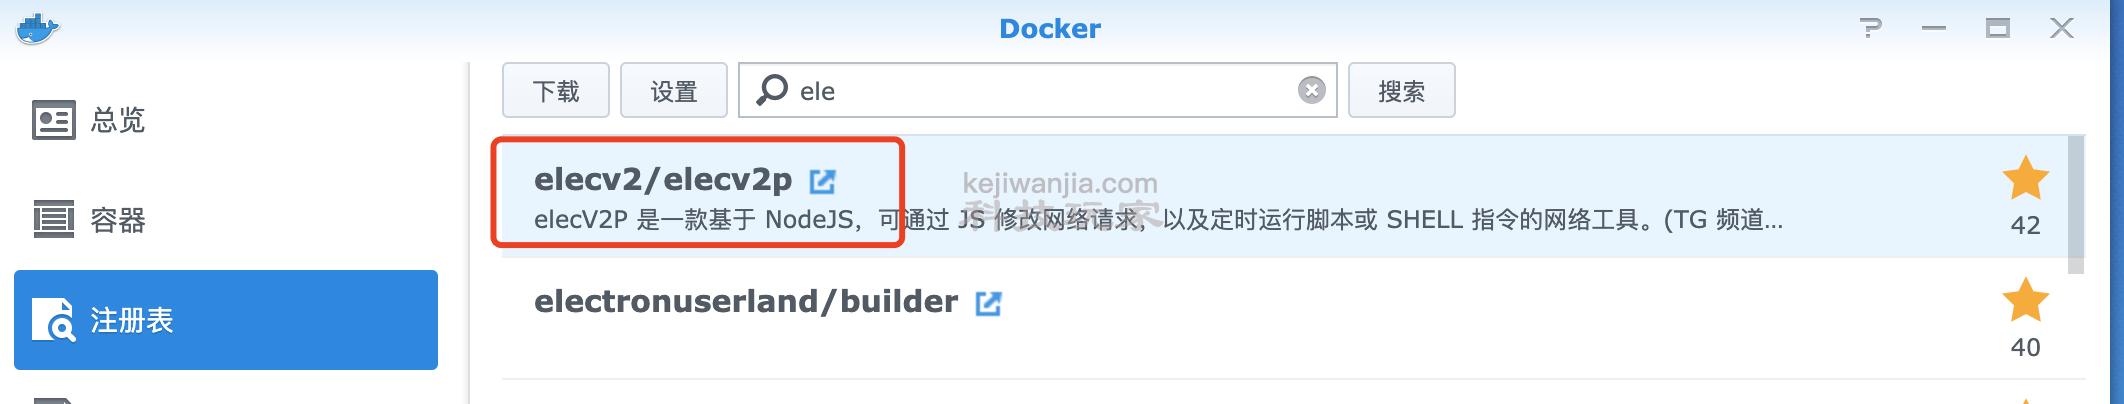 群晖Docker搭建elecV2P及中青应用(安卓篇)9.6修订部分错误